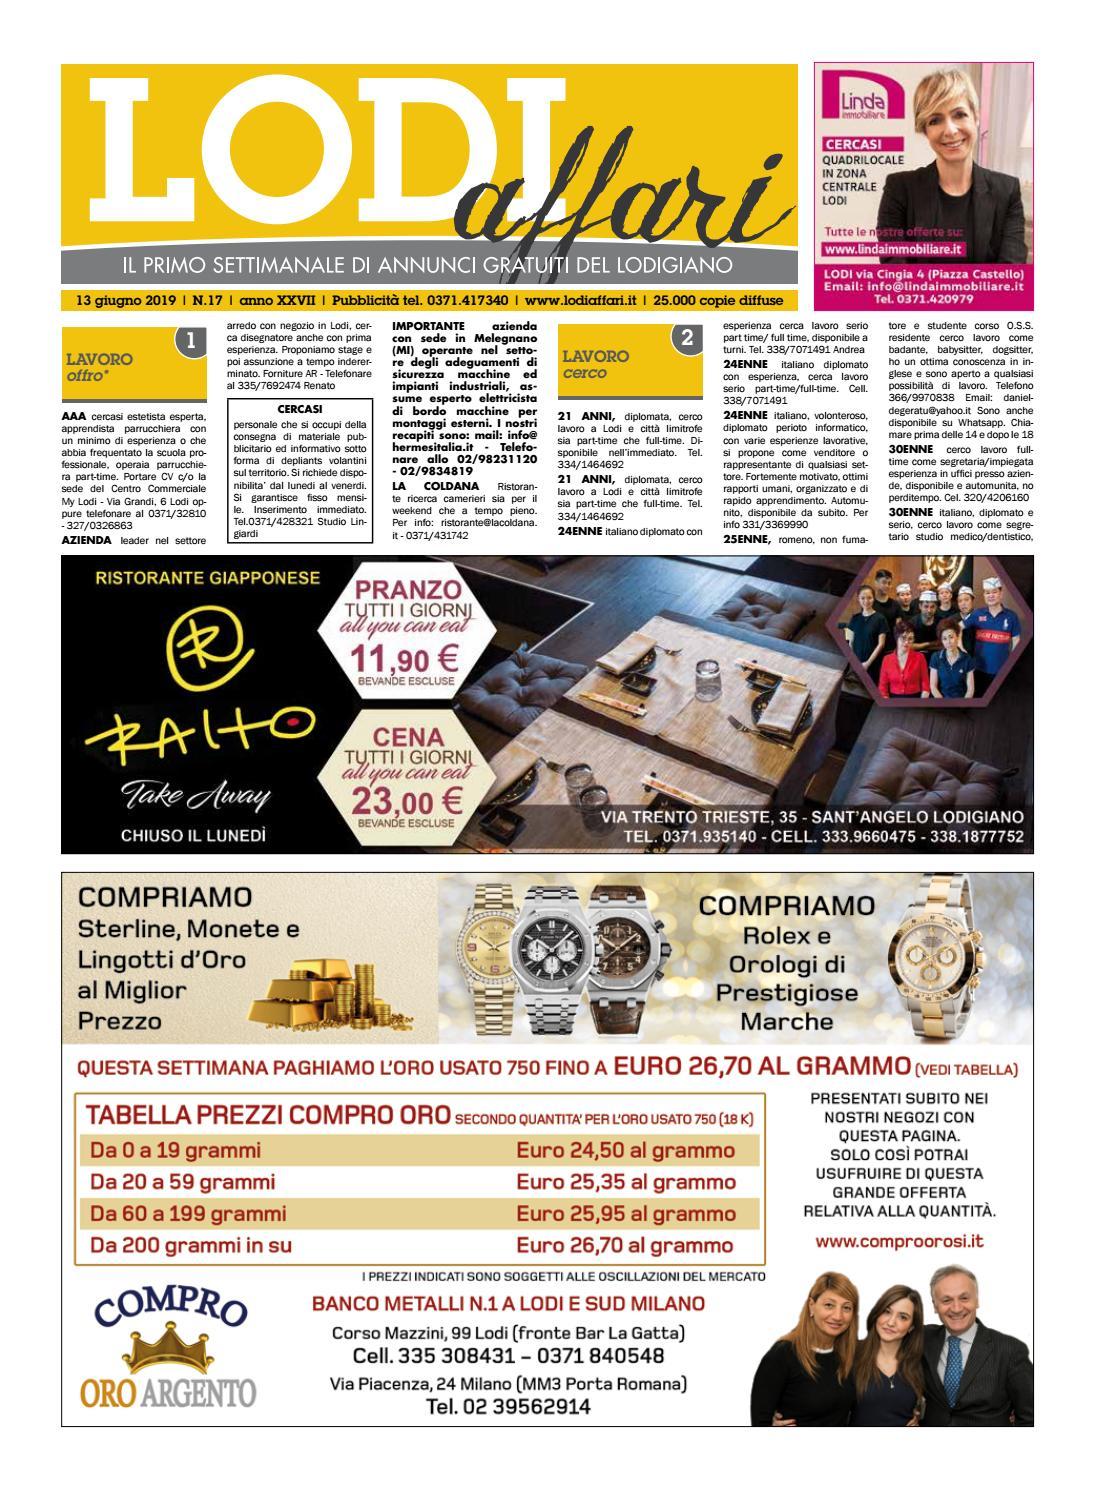 Arredamento Buongiorno Lodi lodi affari 13 giugno by lodi affari - issuu